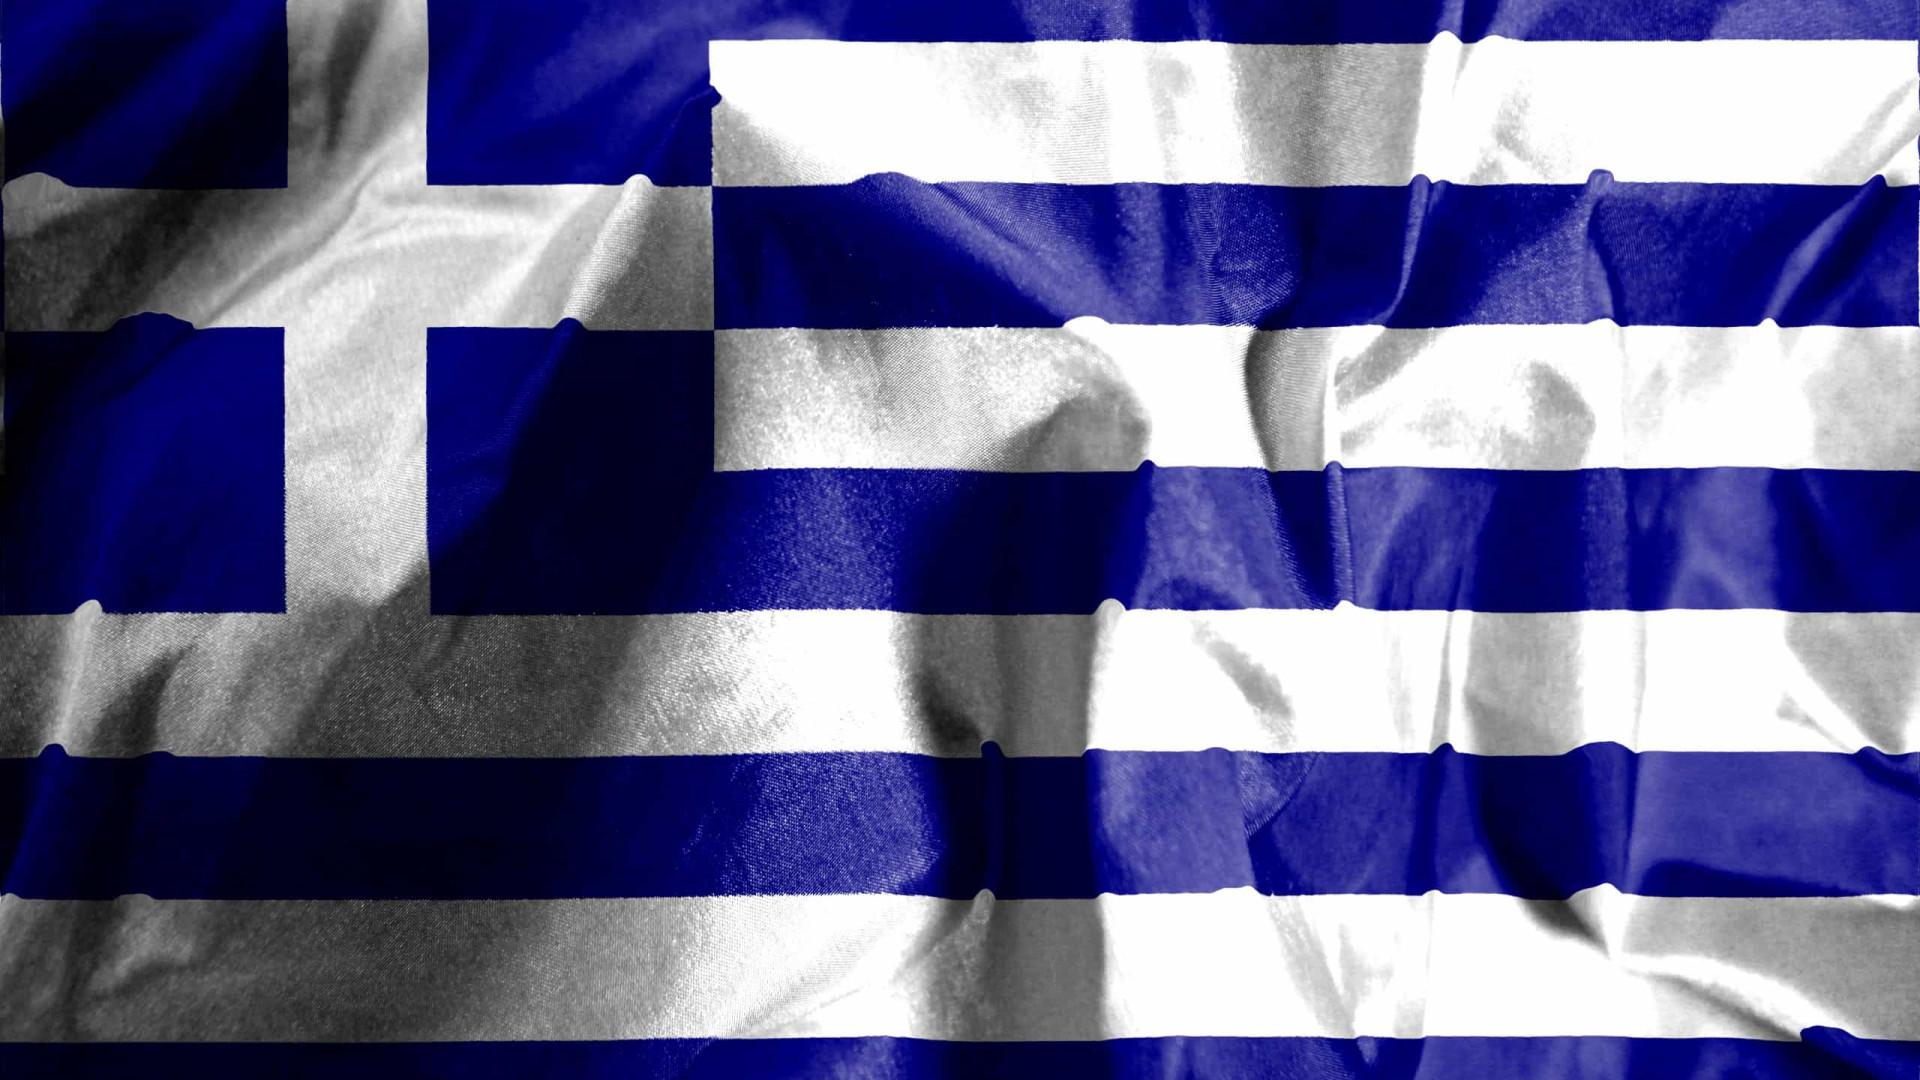 Acidente envolvendo carro e caminhão deixa 11 mortos na Grécia